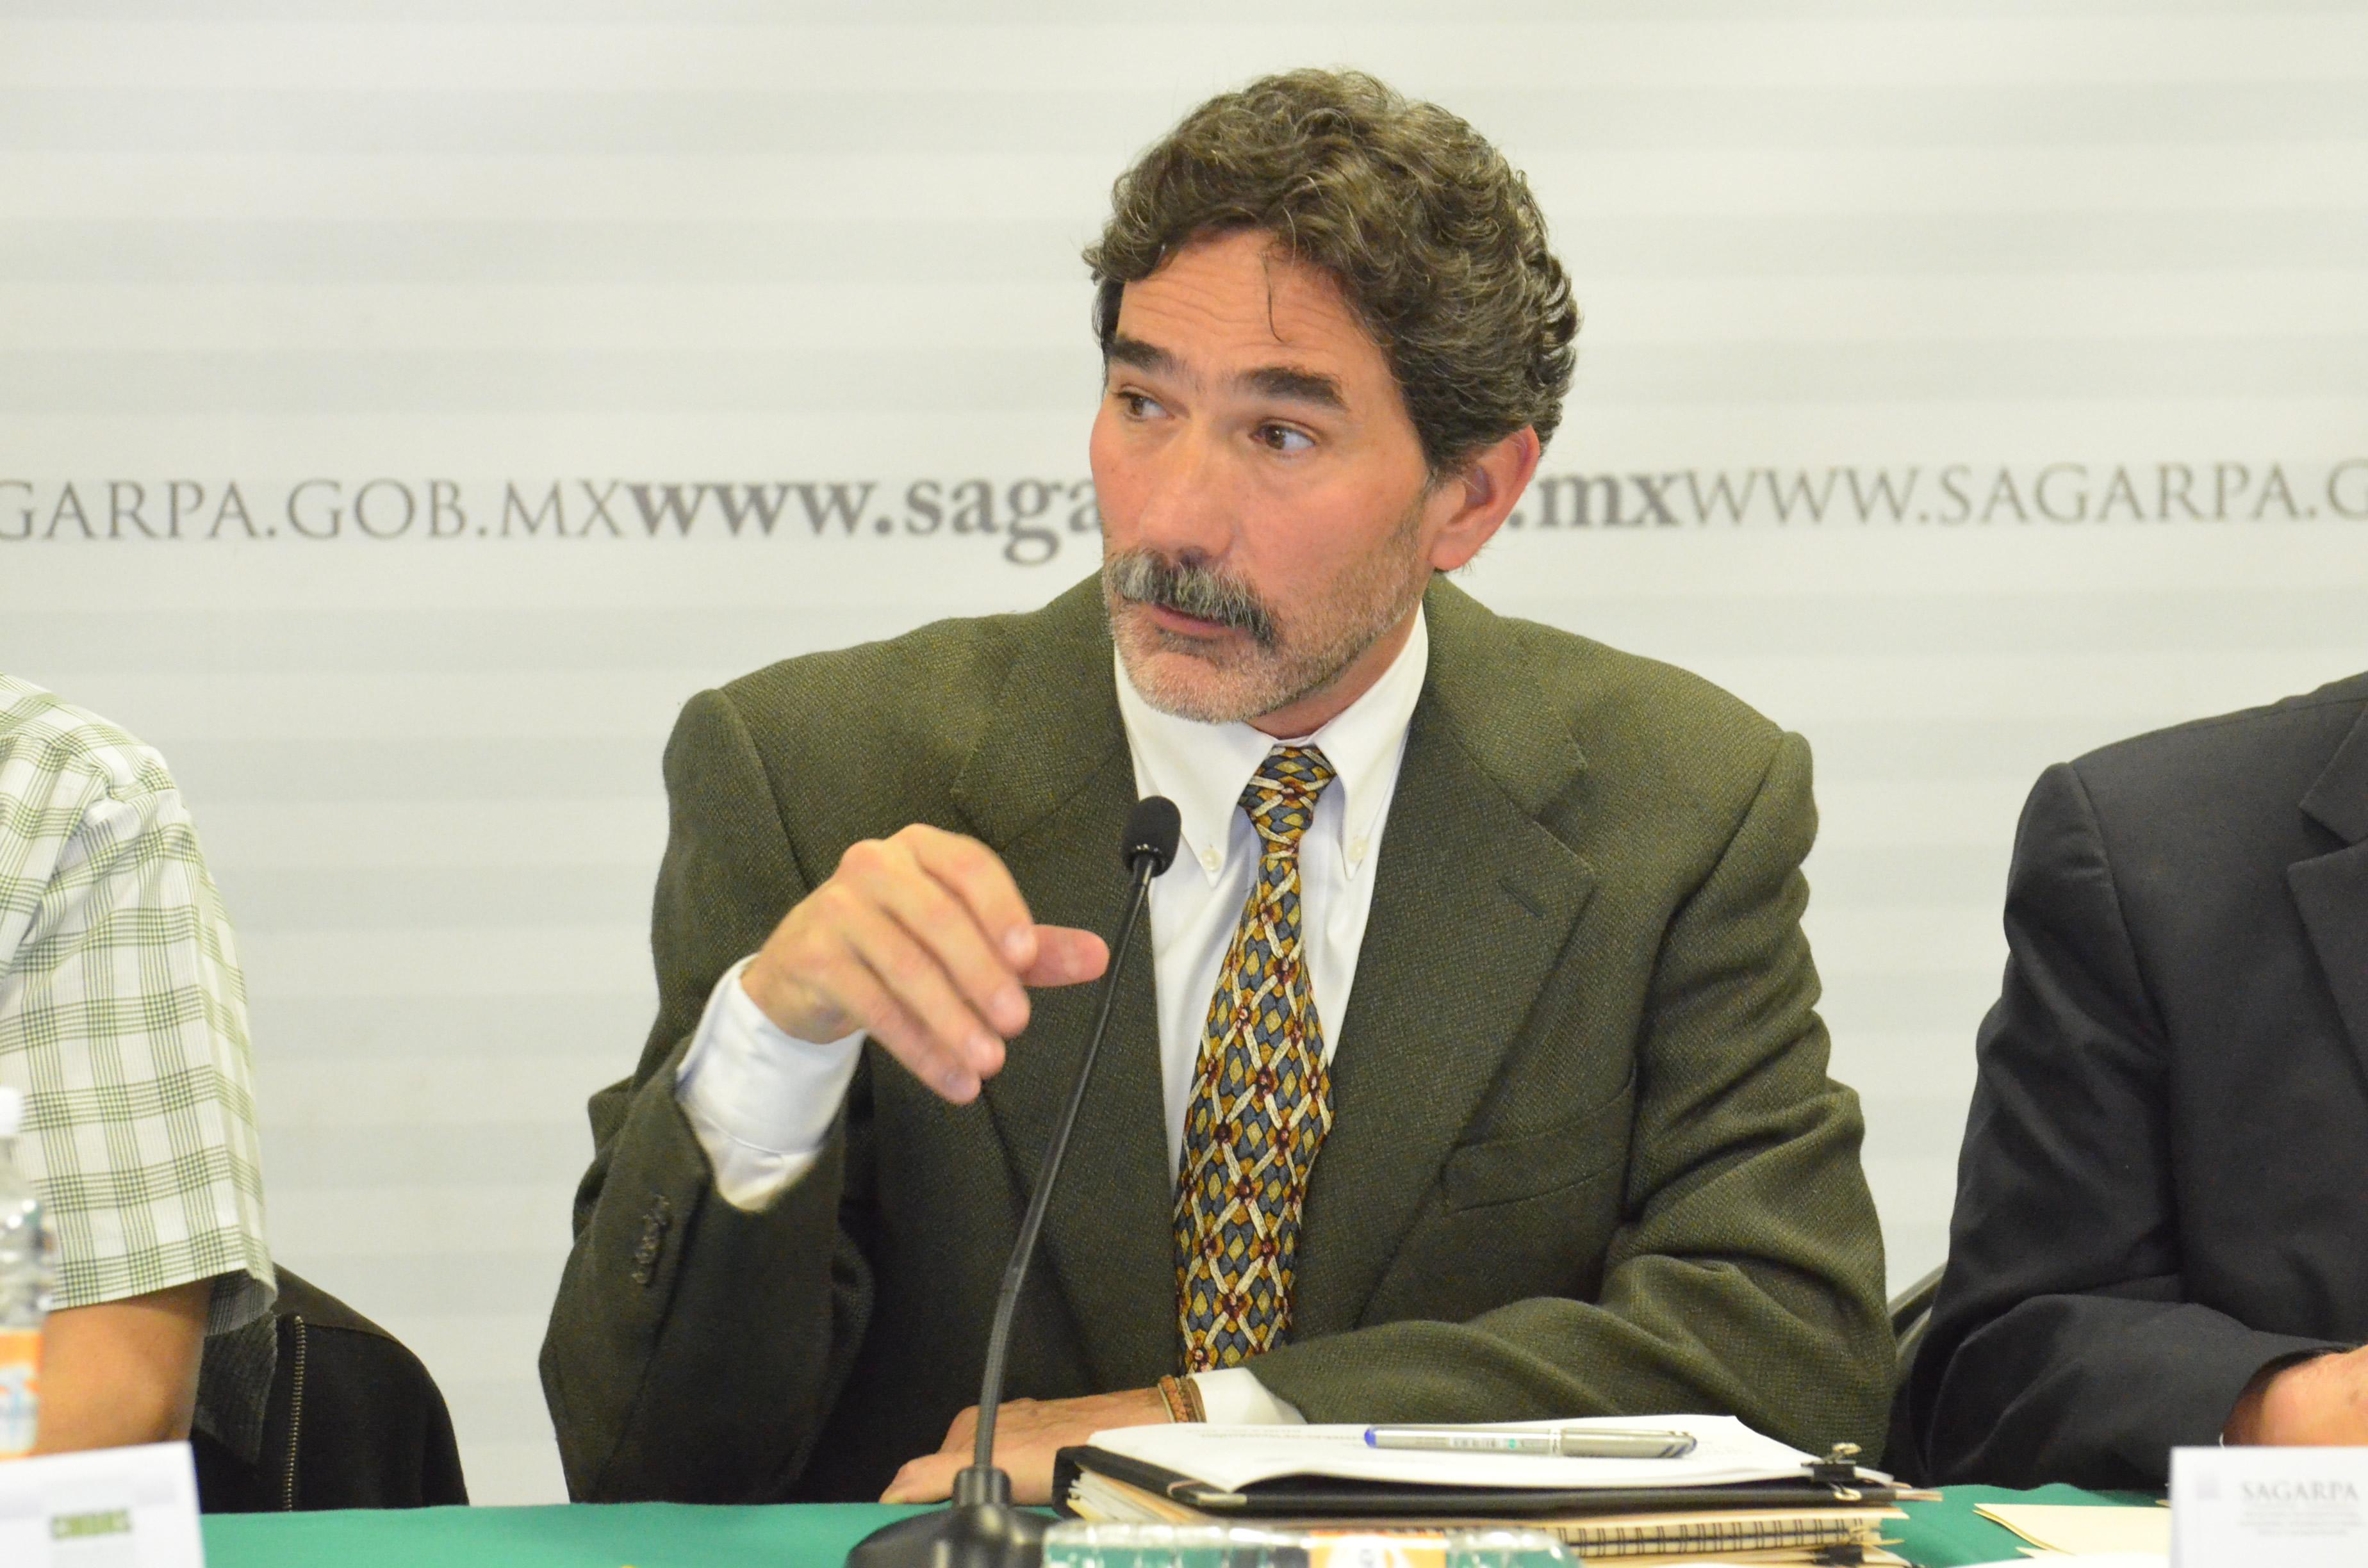 El coordinador general de Ganadería de la SAGARPA, Francisco José Gurría Treviño, indicó que se trabaja en la modificación de los programas para desarrollar el potencial productivo en el corto plazo.